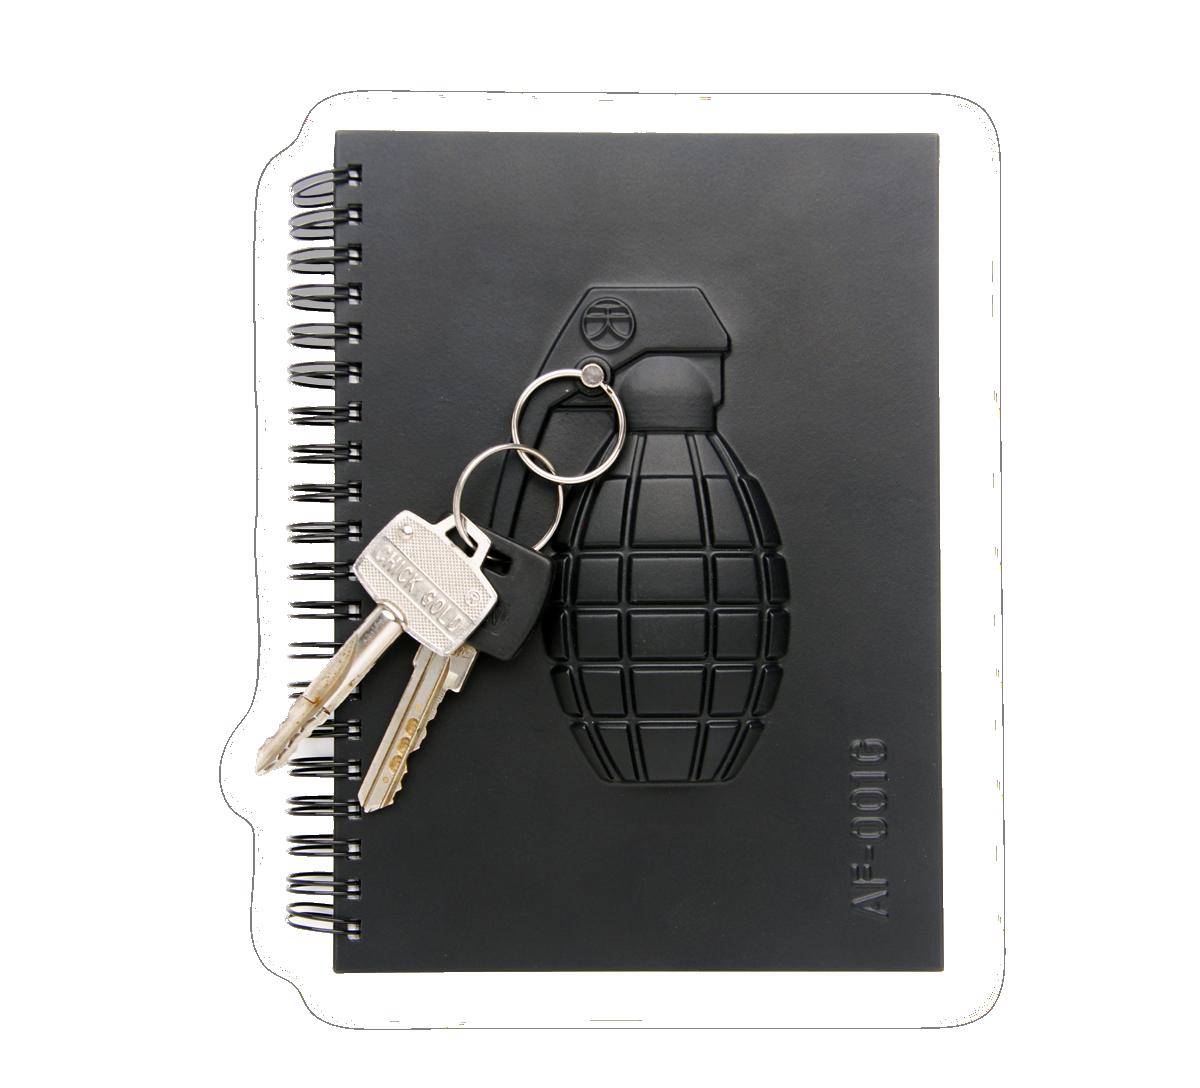 Armed Notebook – Grenade-0